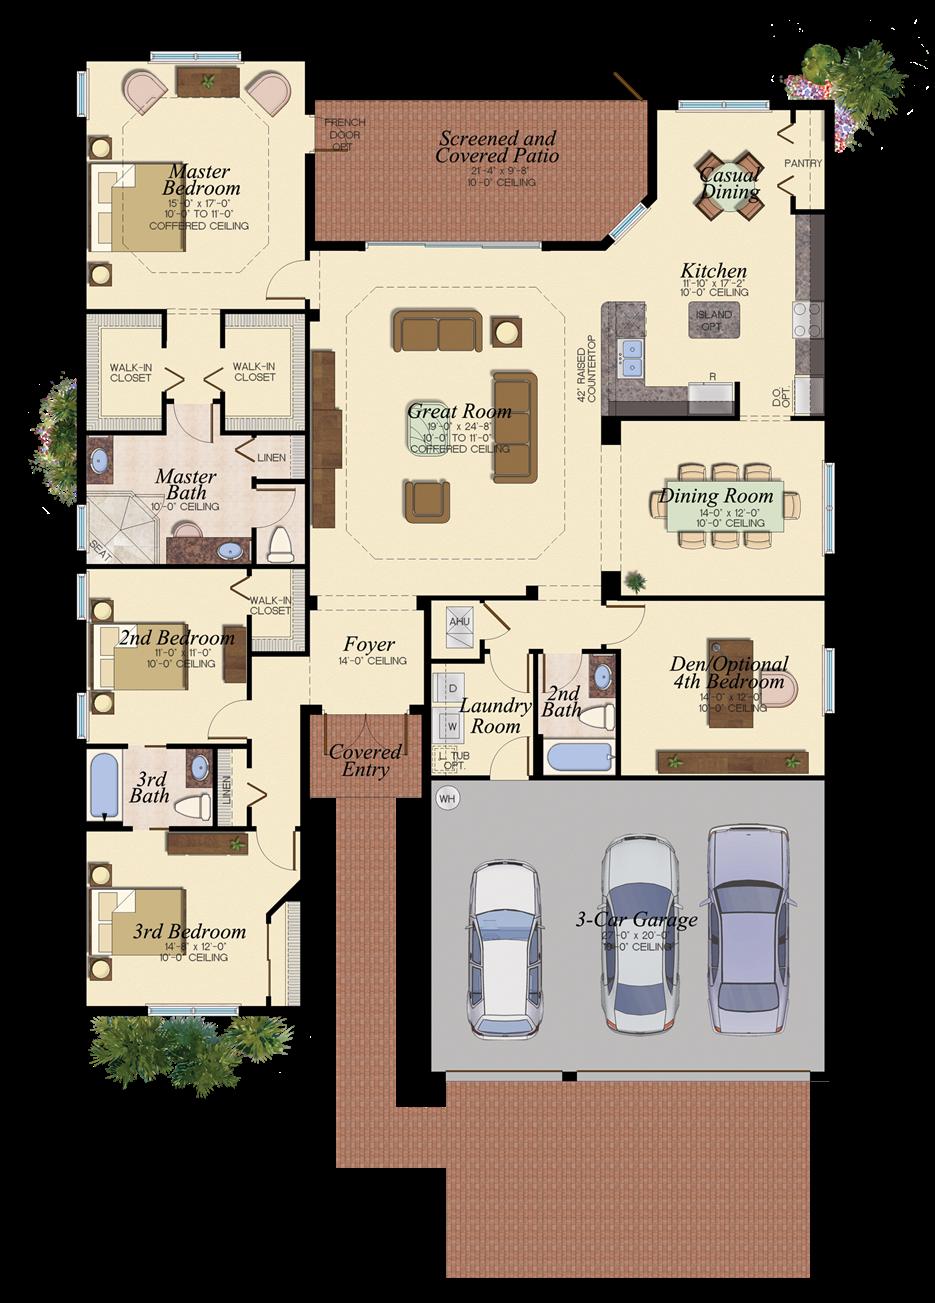 San Marino Patio Furniture: ROYAL COLLECTION SAN MARINO/69 3 Bedrooms 3 Bathrooms Den